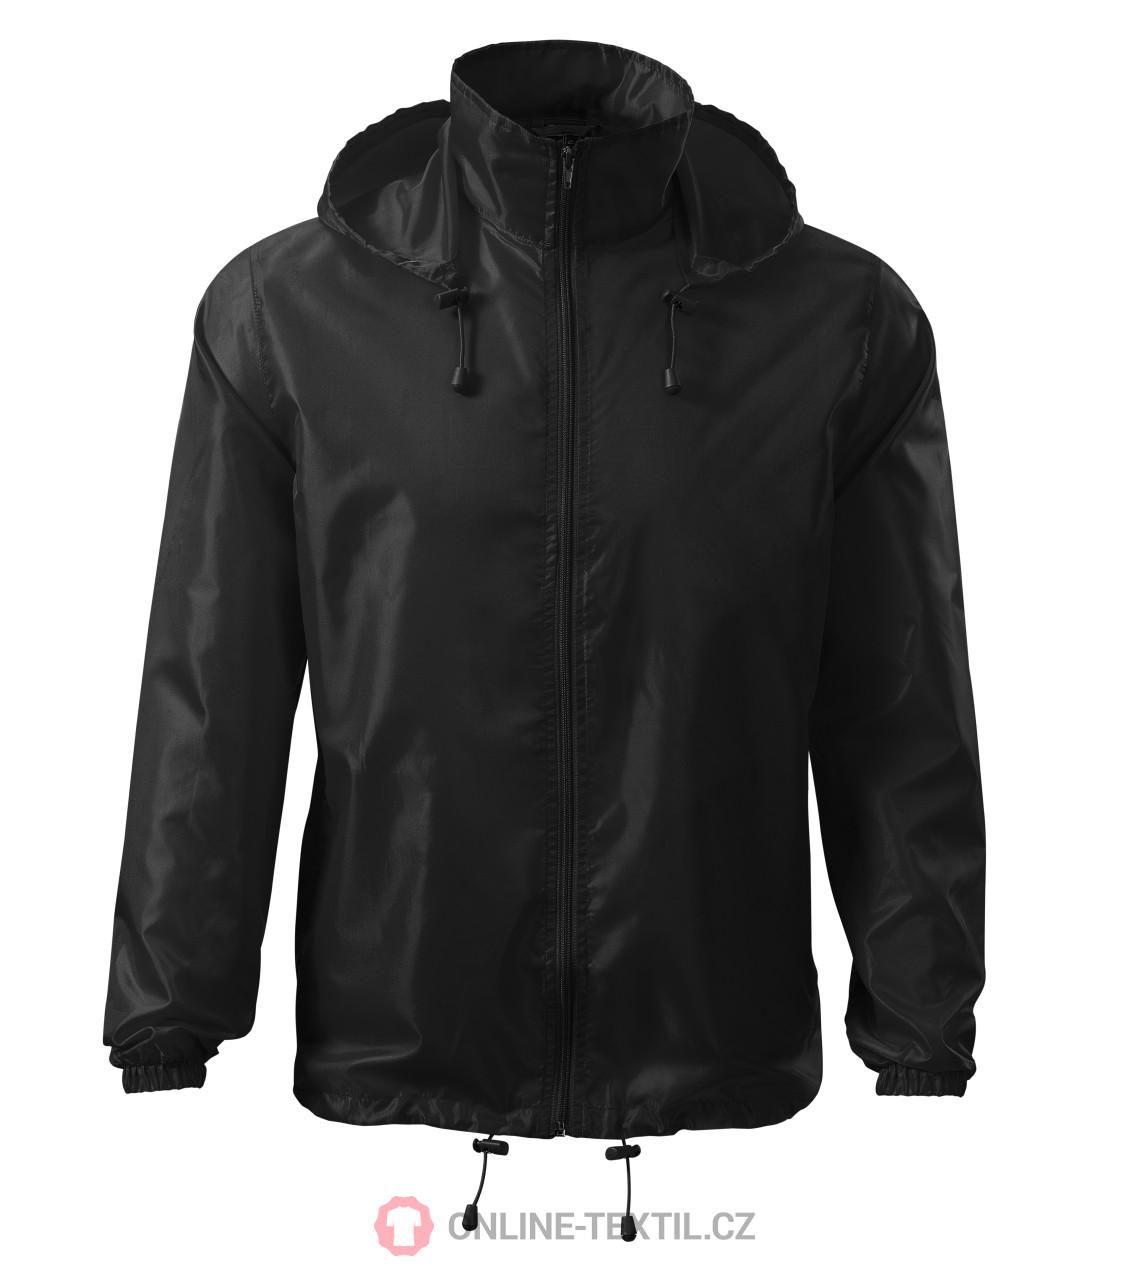 ADLER CZECH Unisex Vetrovka Windy 524 - čierna z kolekcie MALFINI ... 9f531bd0856